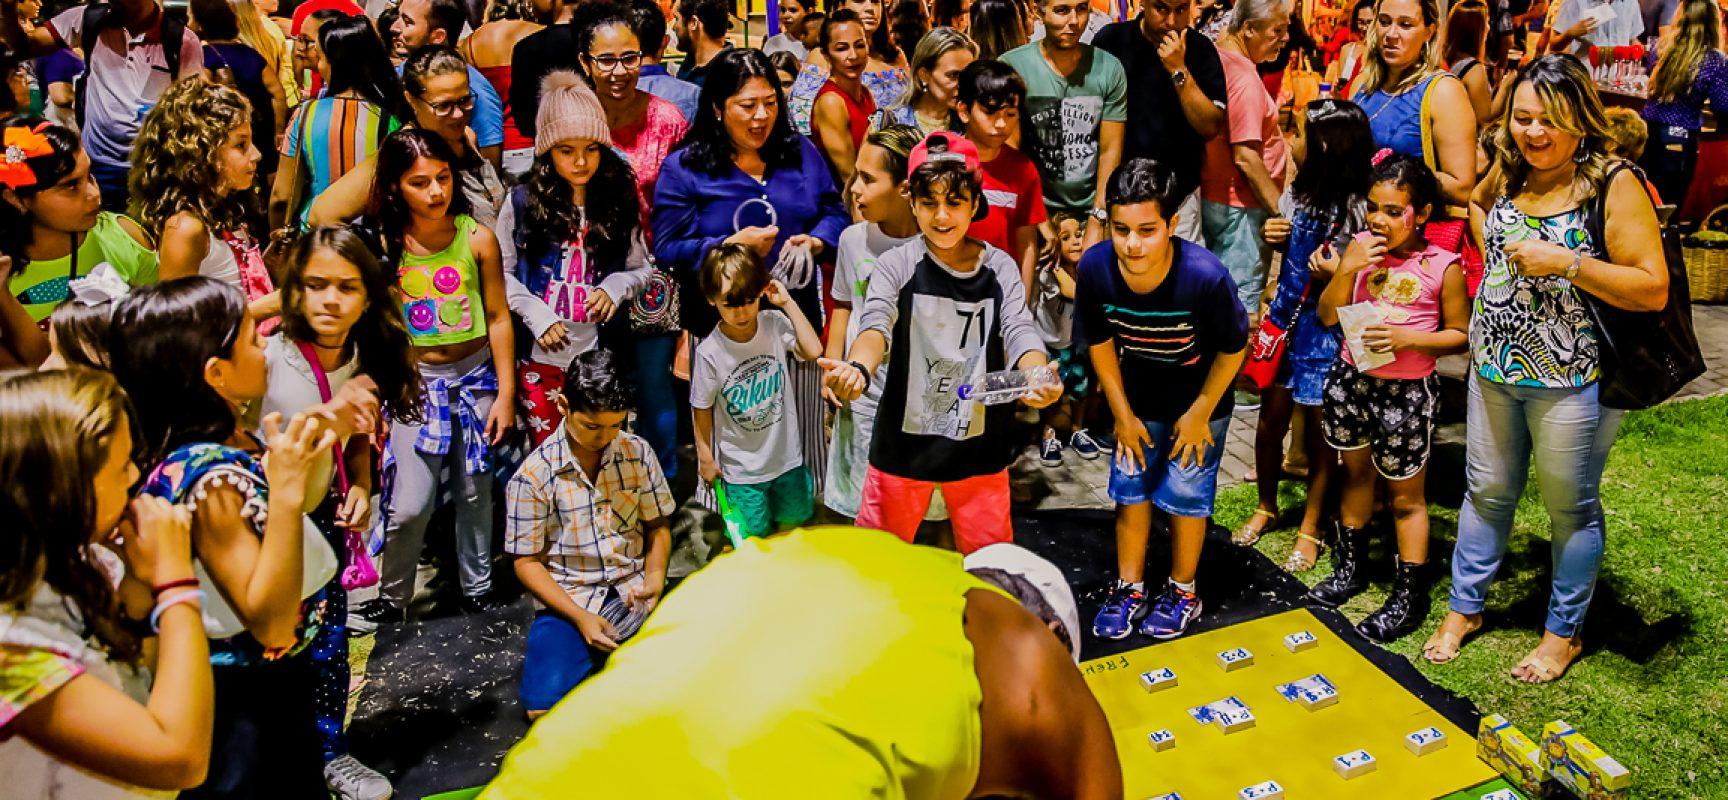 Projetos Adotarte e Apadrinhamento Afetivo vão ao 'Ciranda na Praça' em alusão ao Dia Nacional da Adoção